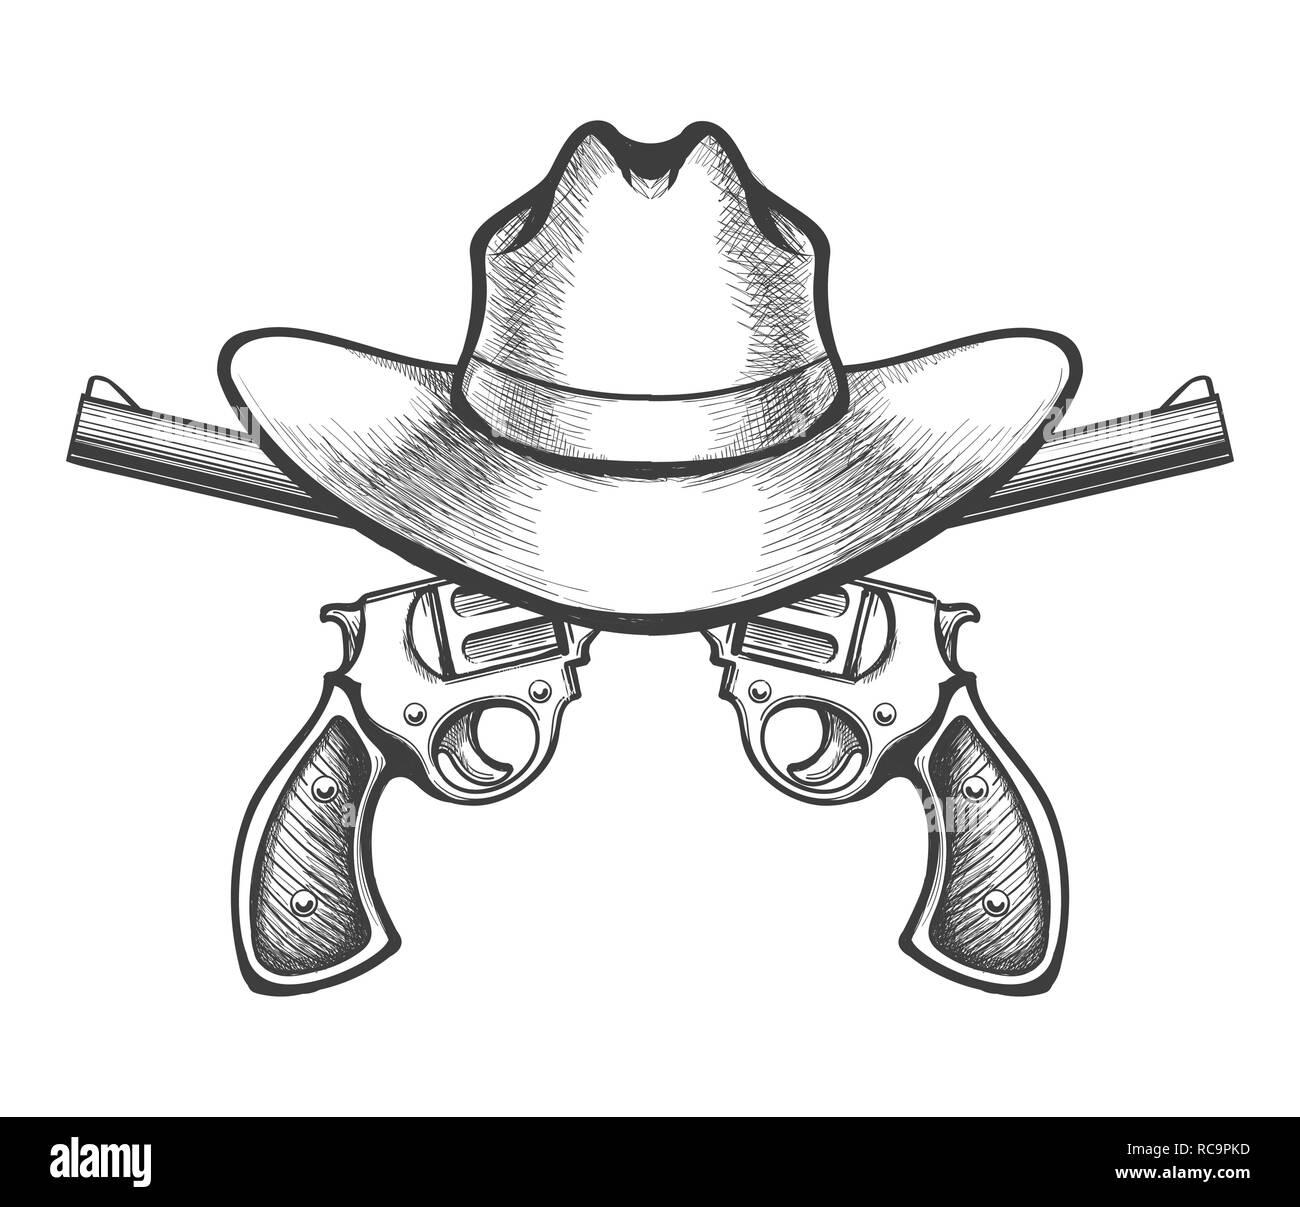 Cappello da cowboy e una coppia di attraversata pistola pistola revolver  disegnato in un fatto a b13fa52e0309